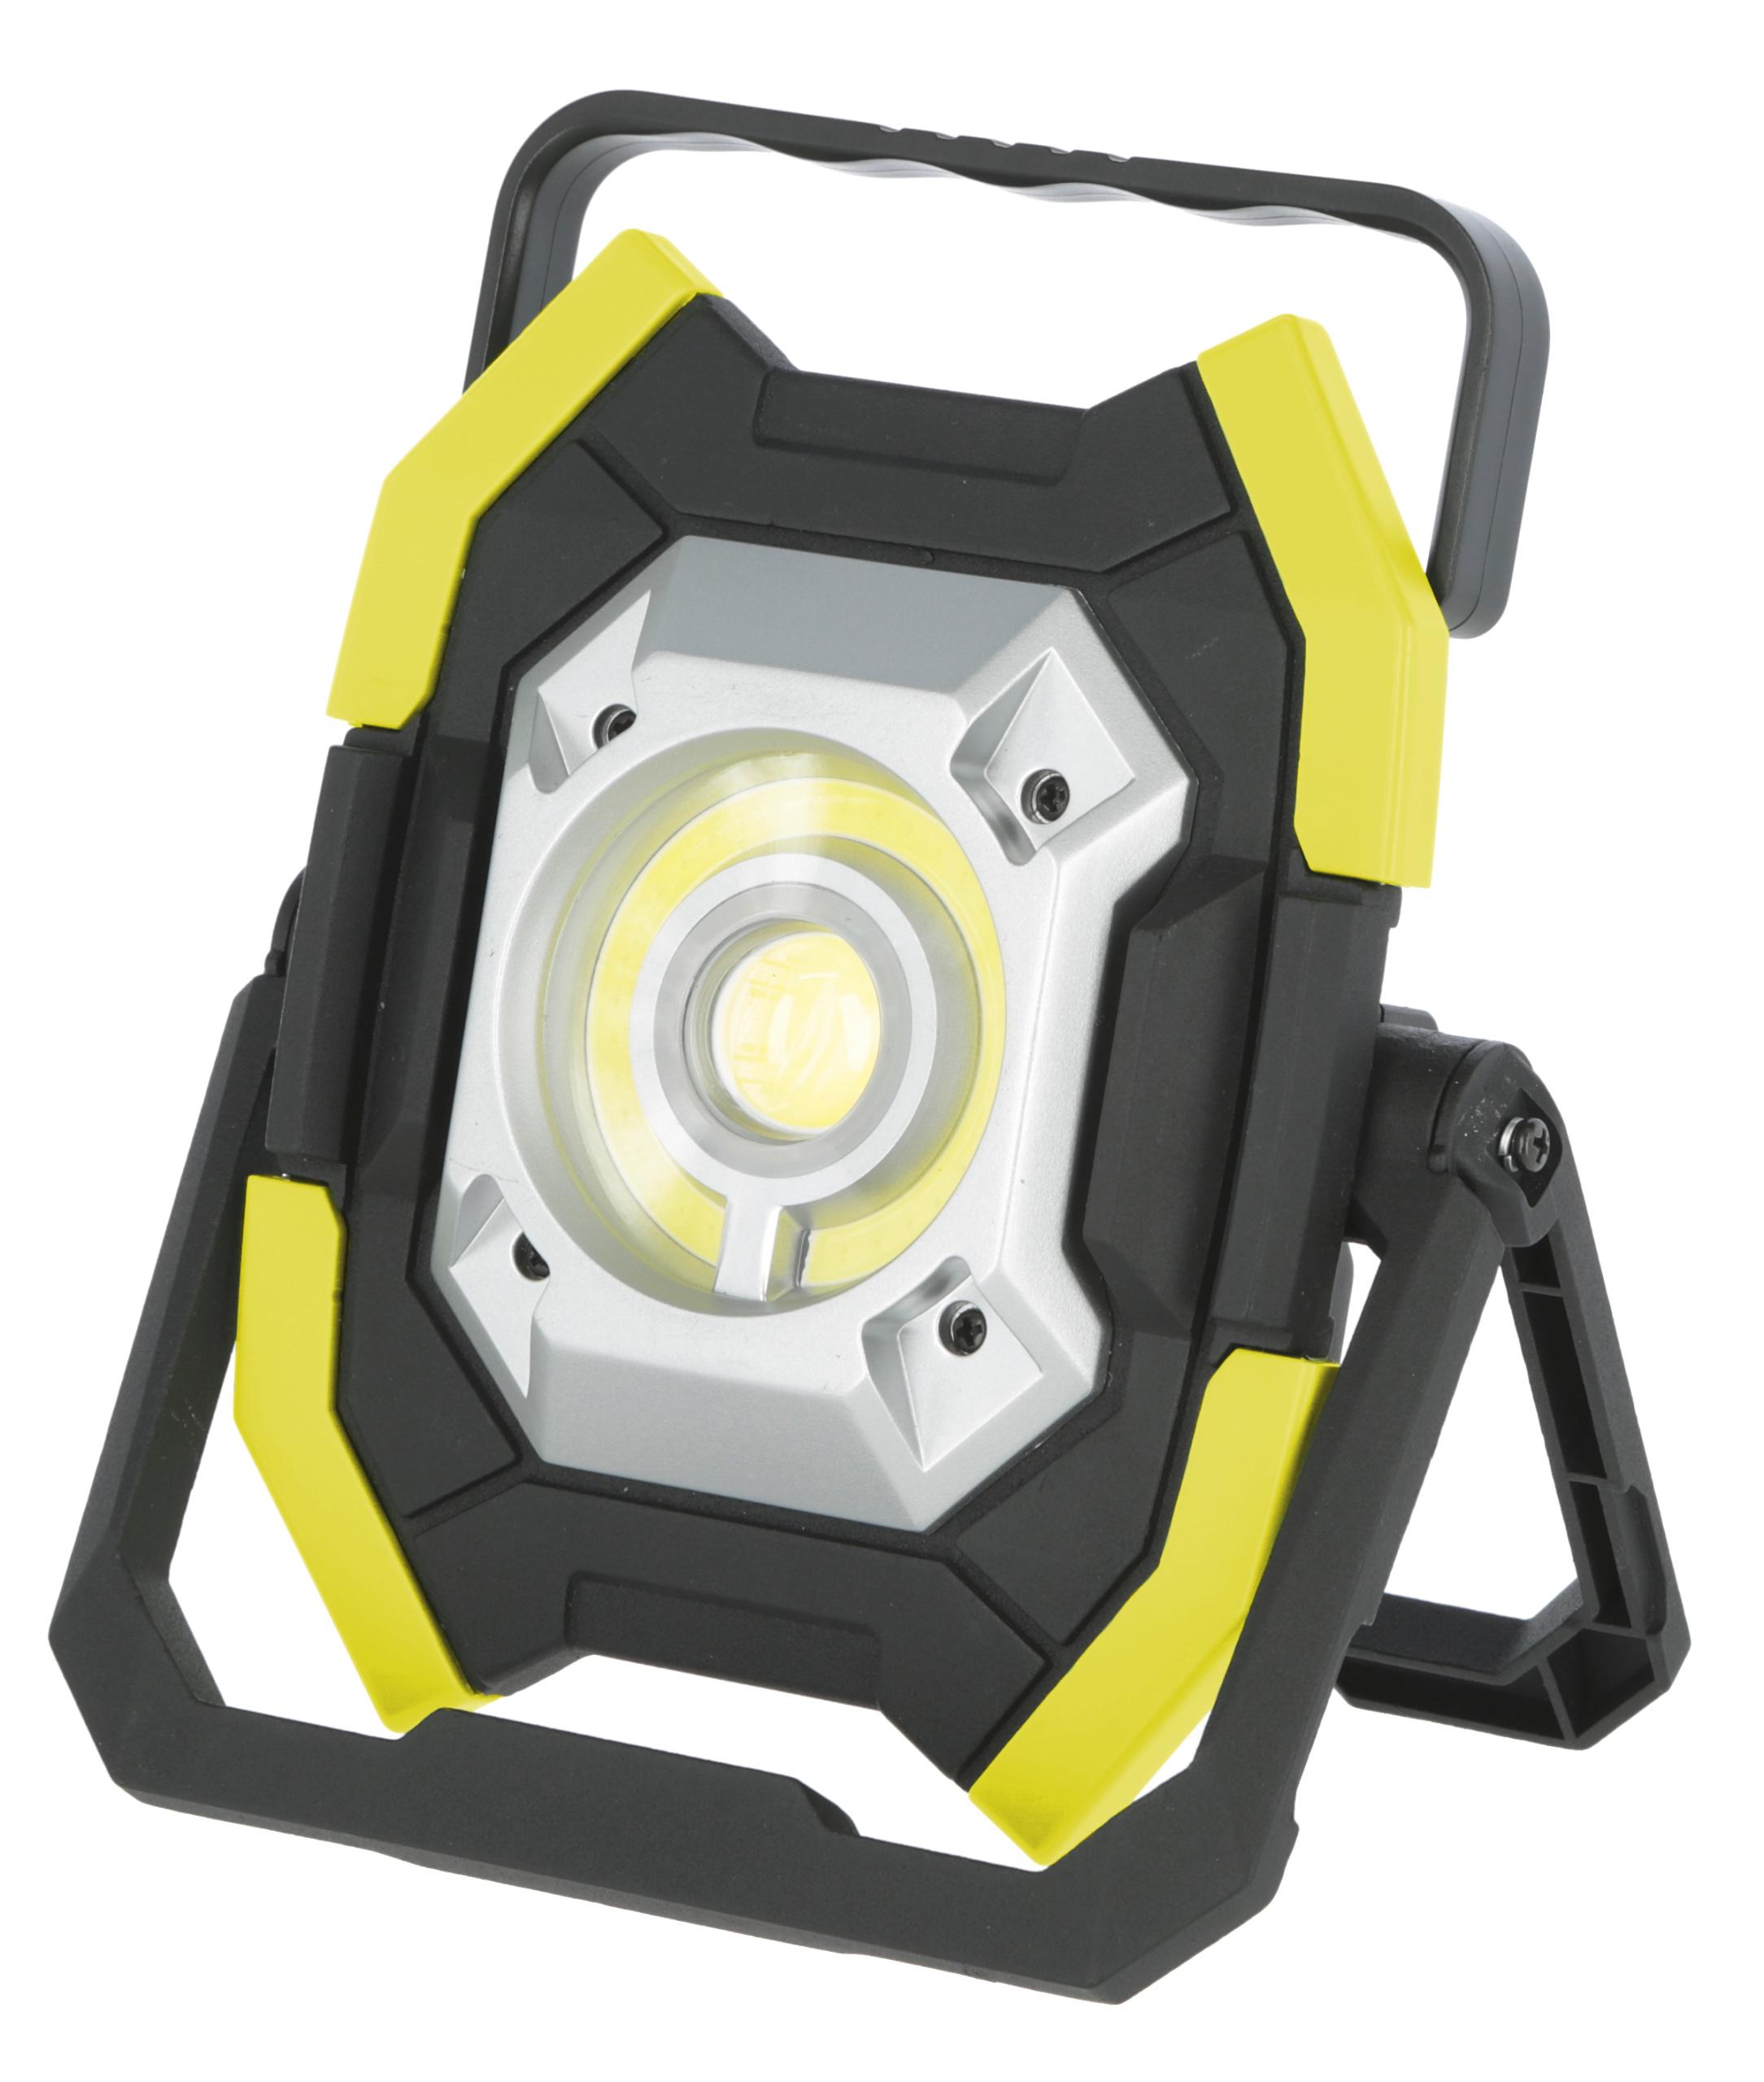 Mobiler LED-Akkustrahler, WorkFire Pro 30W